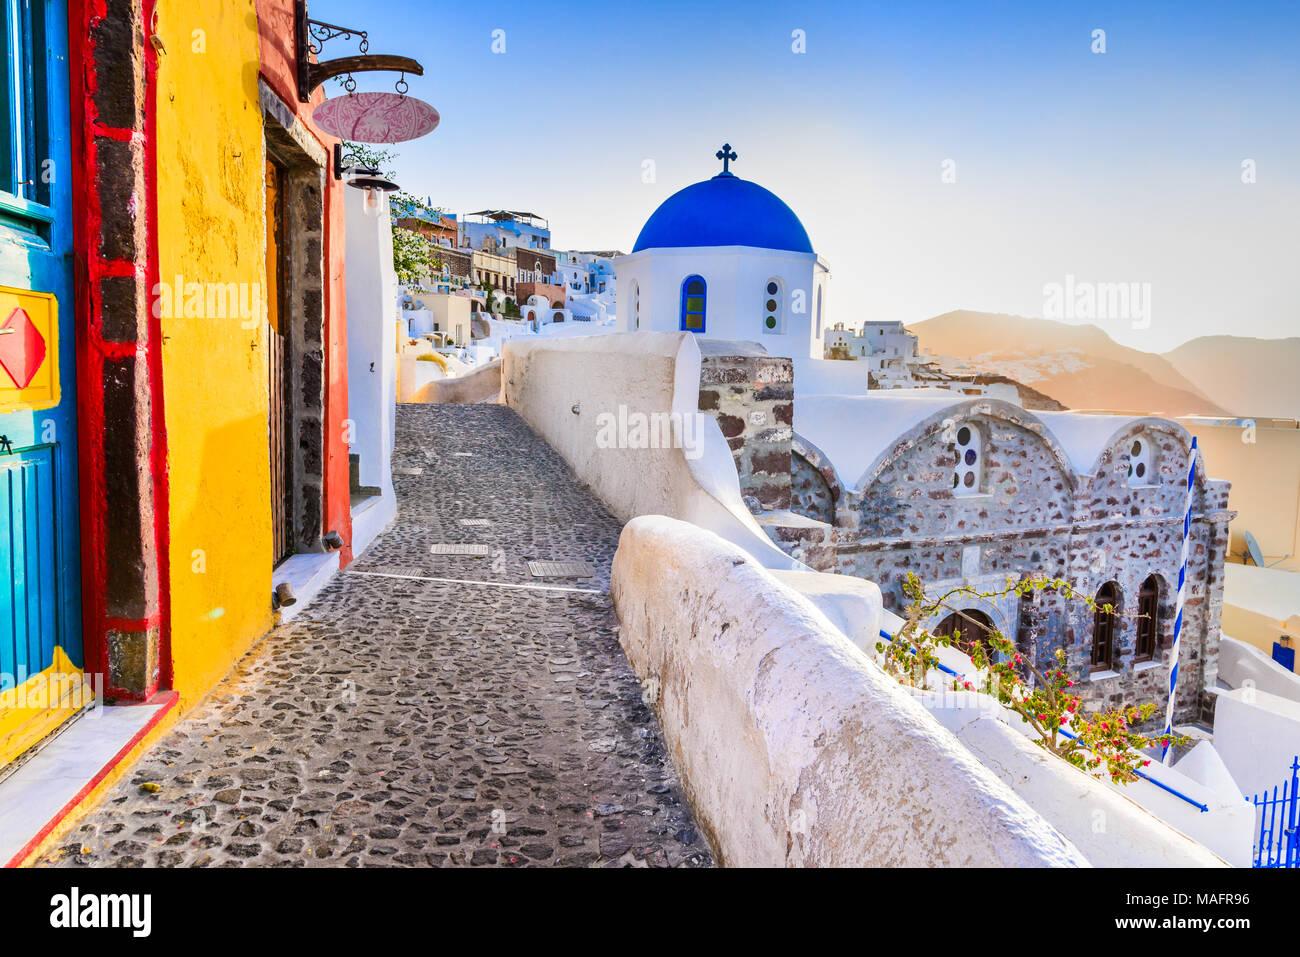 Santorin, Grèce. Oia, village blanc avec des chemins étroits, pavées célèbre attraction des îles Cyclades, Grèce mer Egéé. Photo Stock